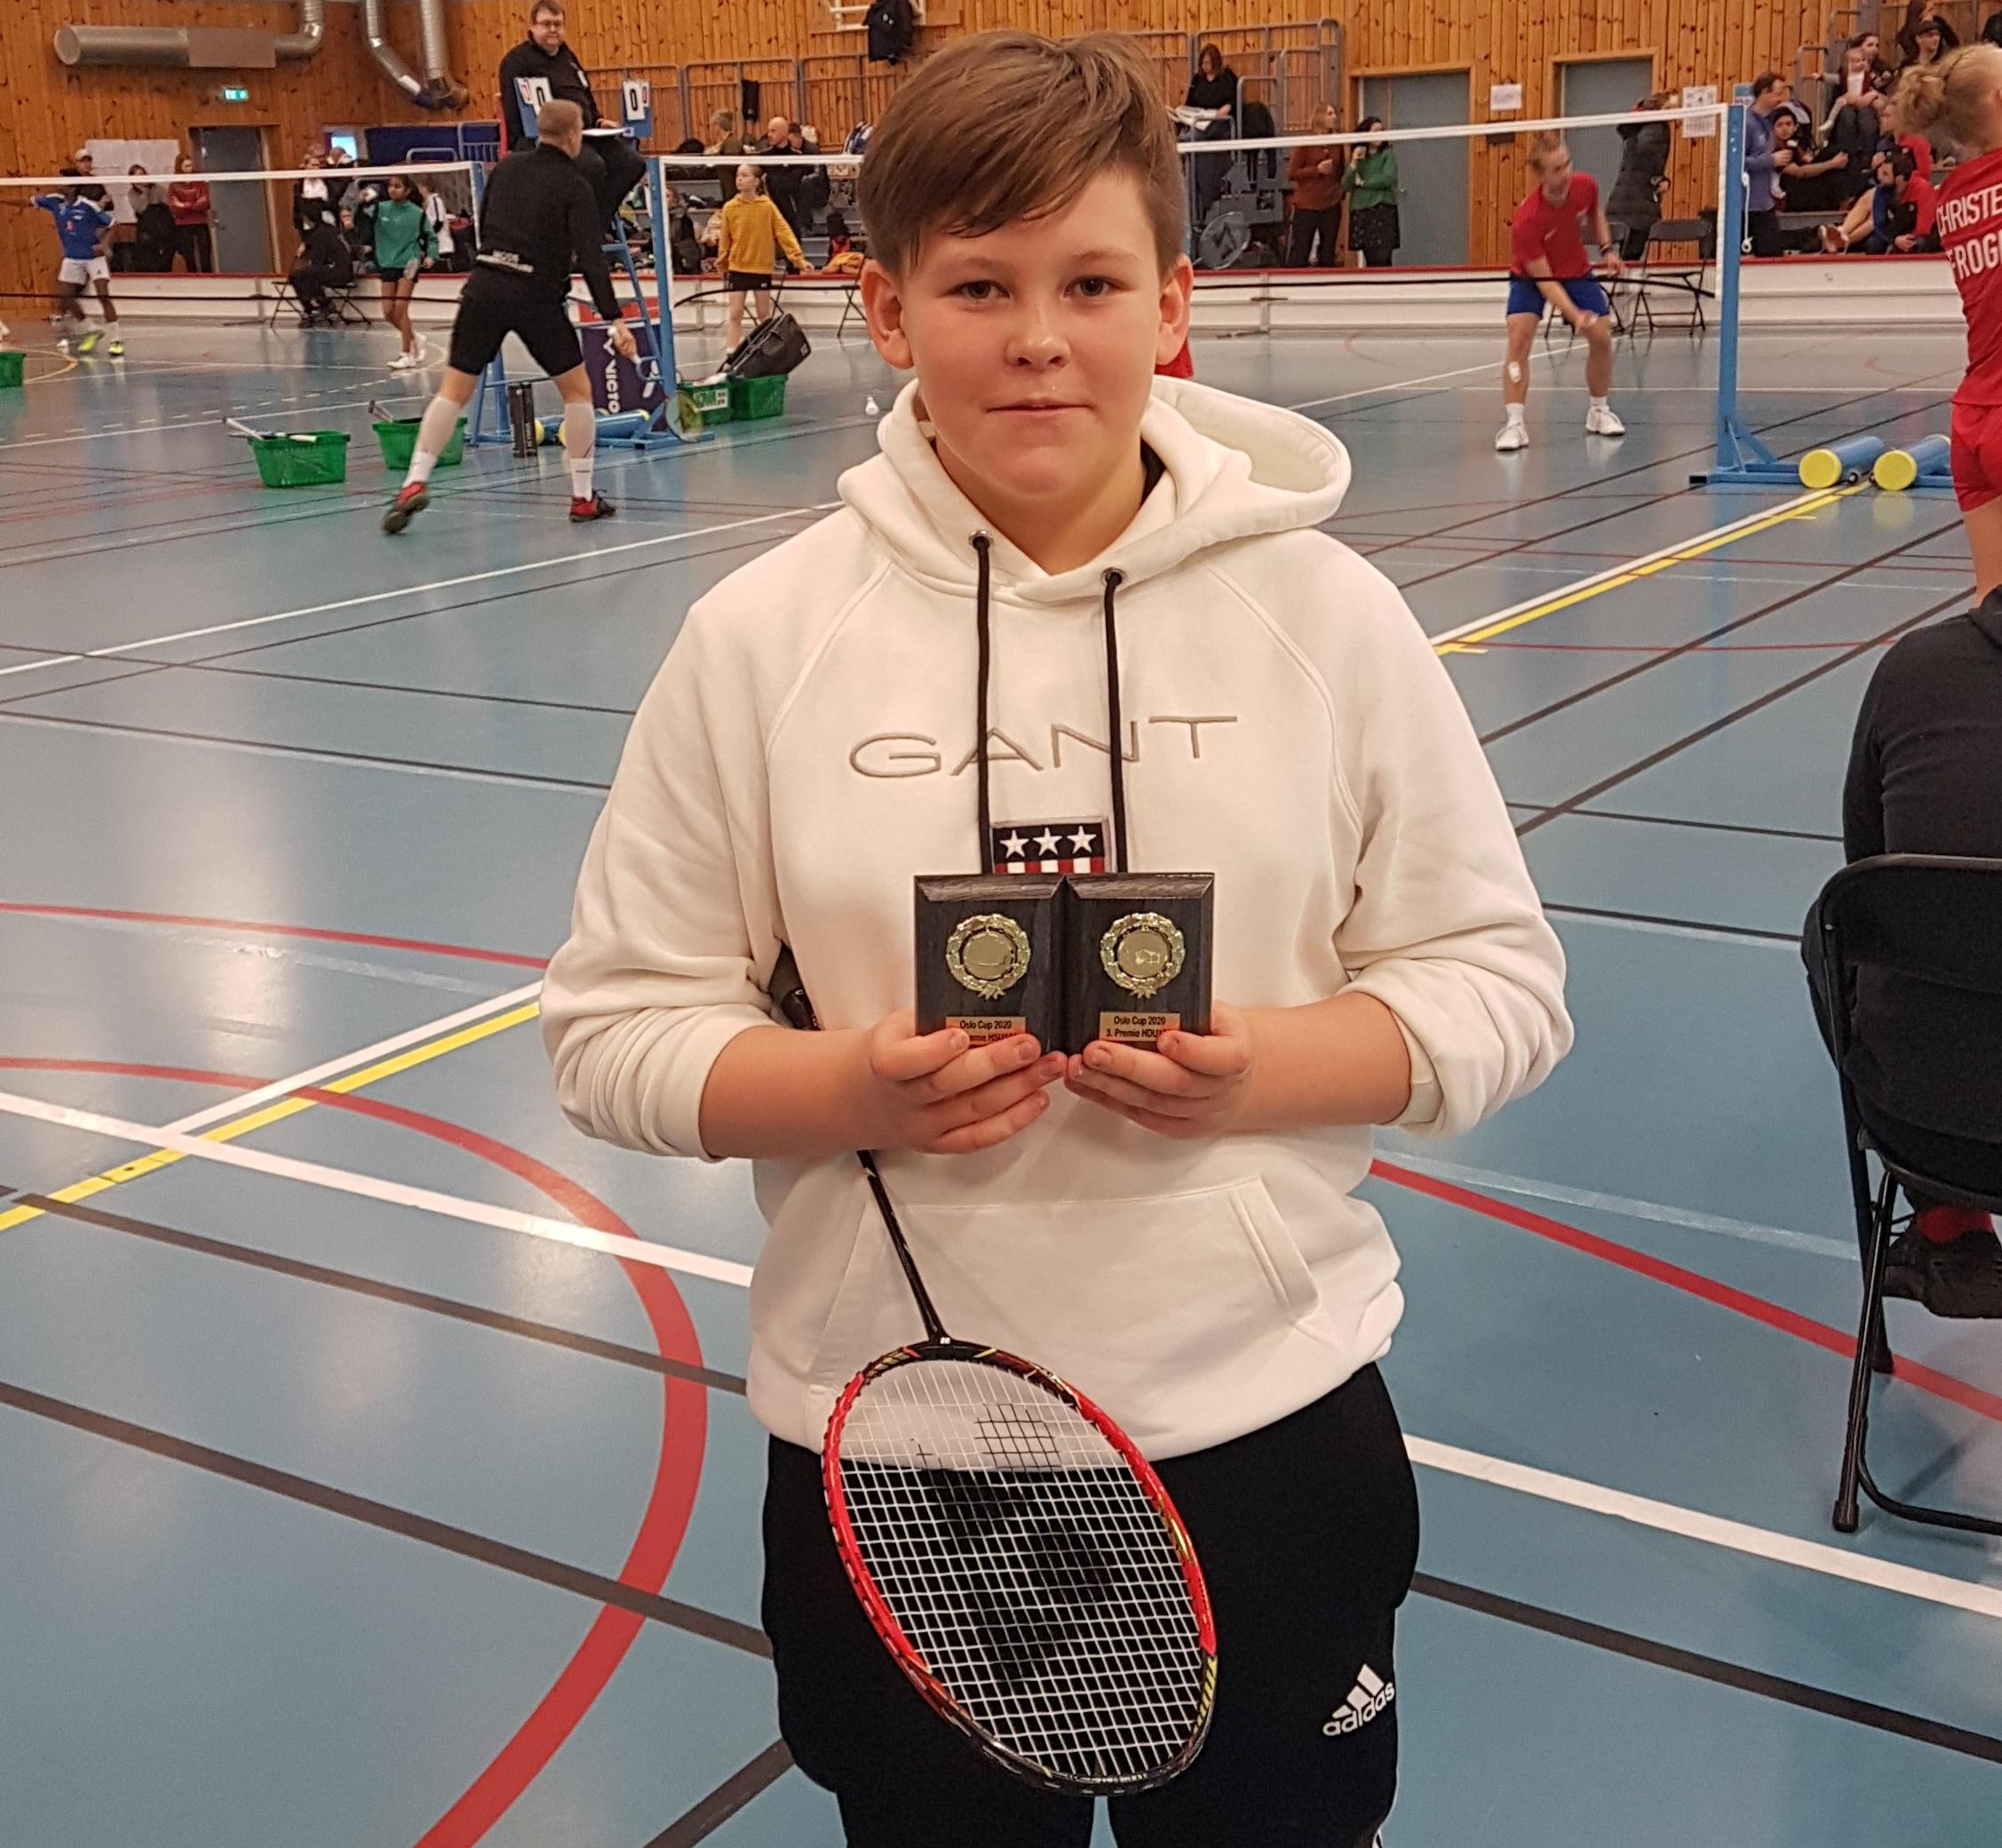 Marius Sandvær_Bygdøy 2020